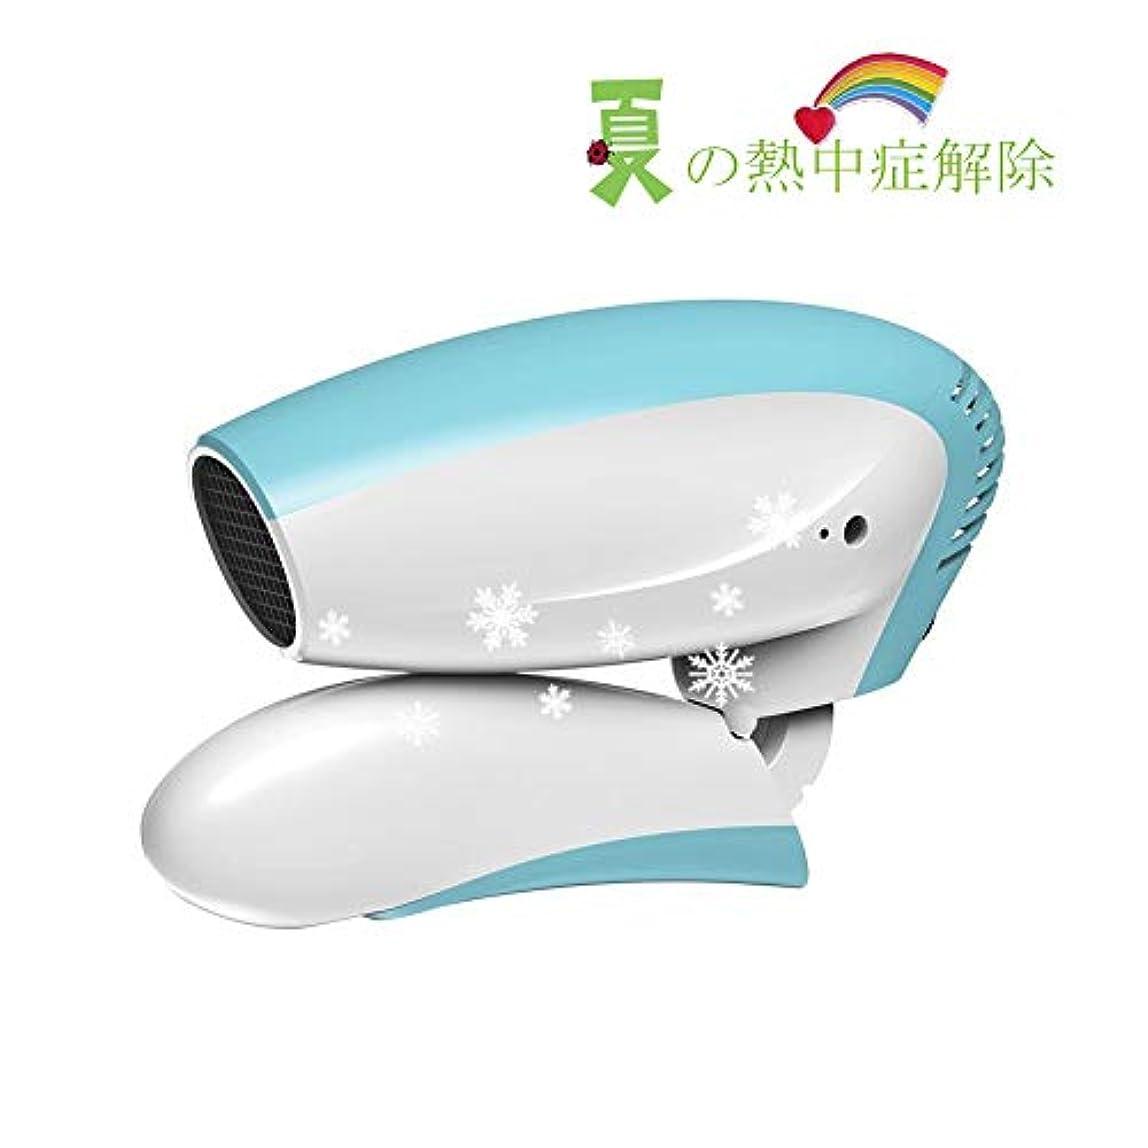 遅いレモンきらめくMANLI ヘアドライヤー コードレス充電式 冷風 大風量 無段階風量調節 折りたたみ式 携帯しやすい アウトドア 旅行用 家庭用 ホワイト